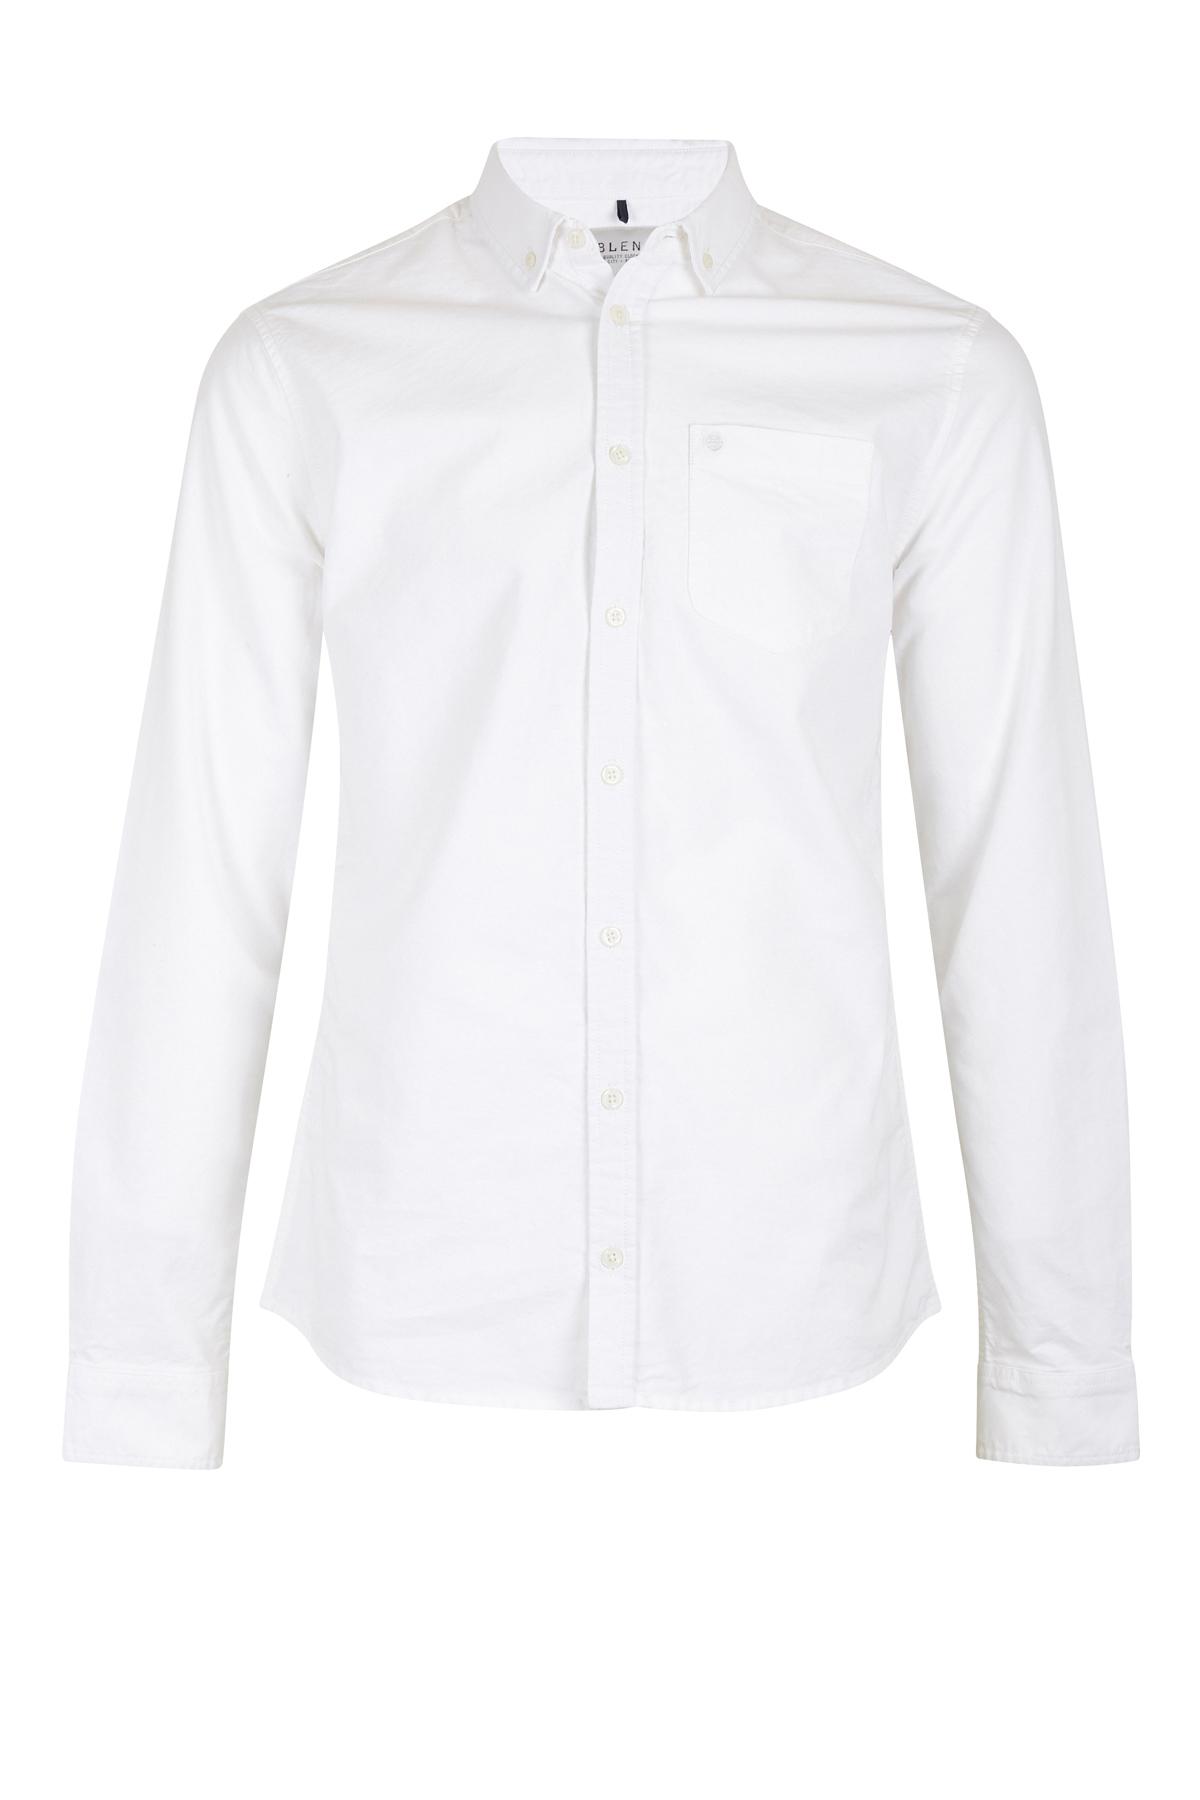 Image of Blend He Herre Langærmet skjorte - Hvid